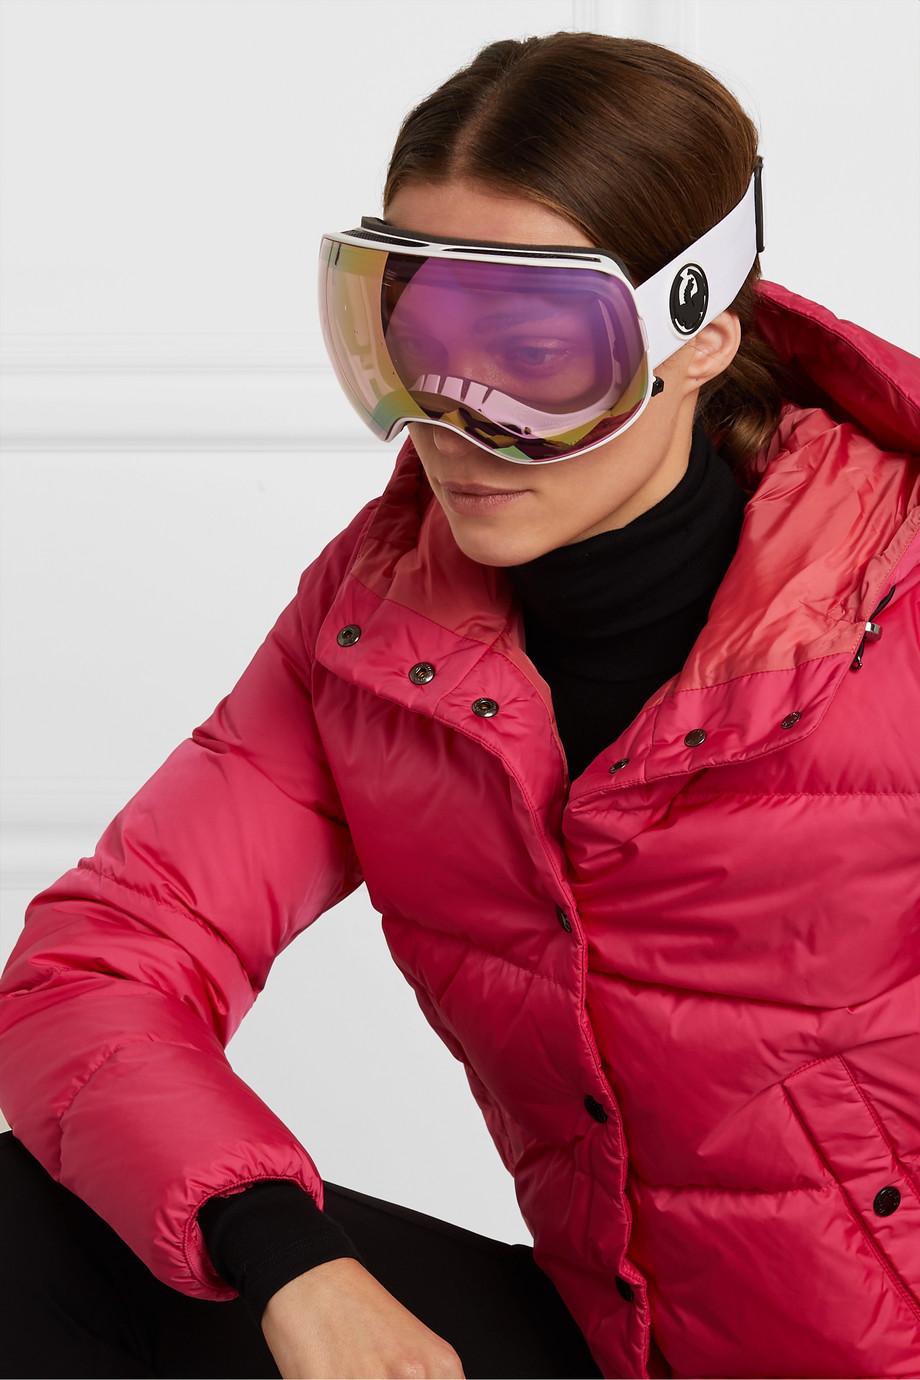 Dragon X2 mirrored ski goggles